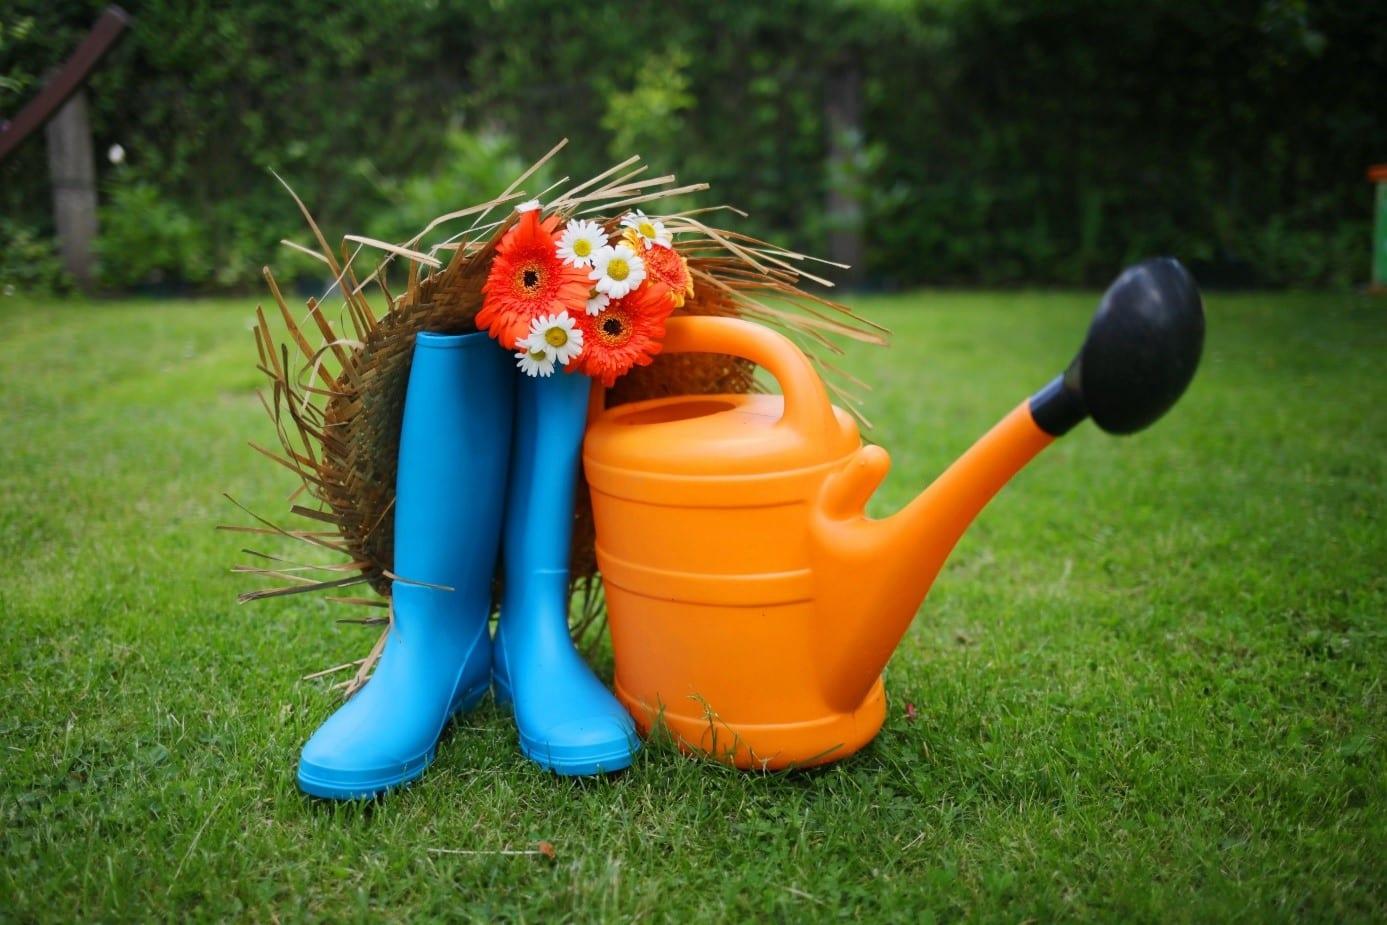 Préparez votre jardin pour les beaux jours avec ces outils qui vous feront gagner du temps